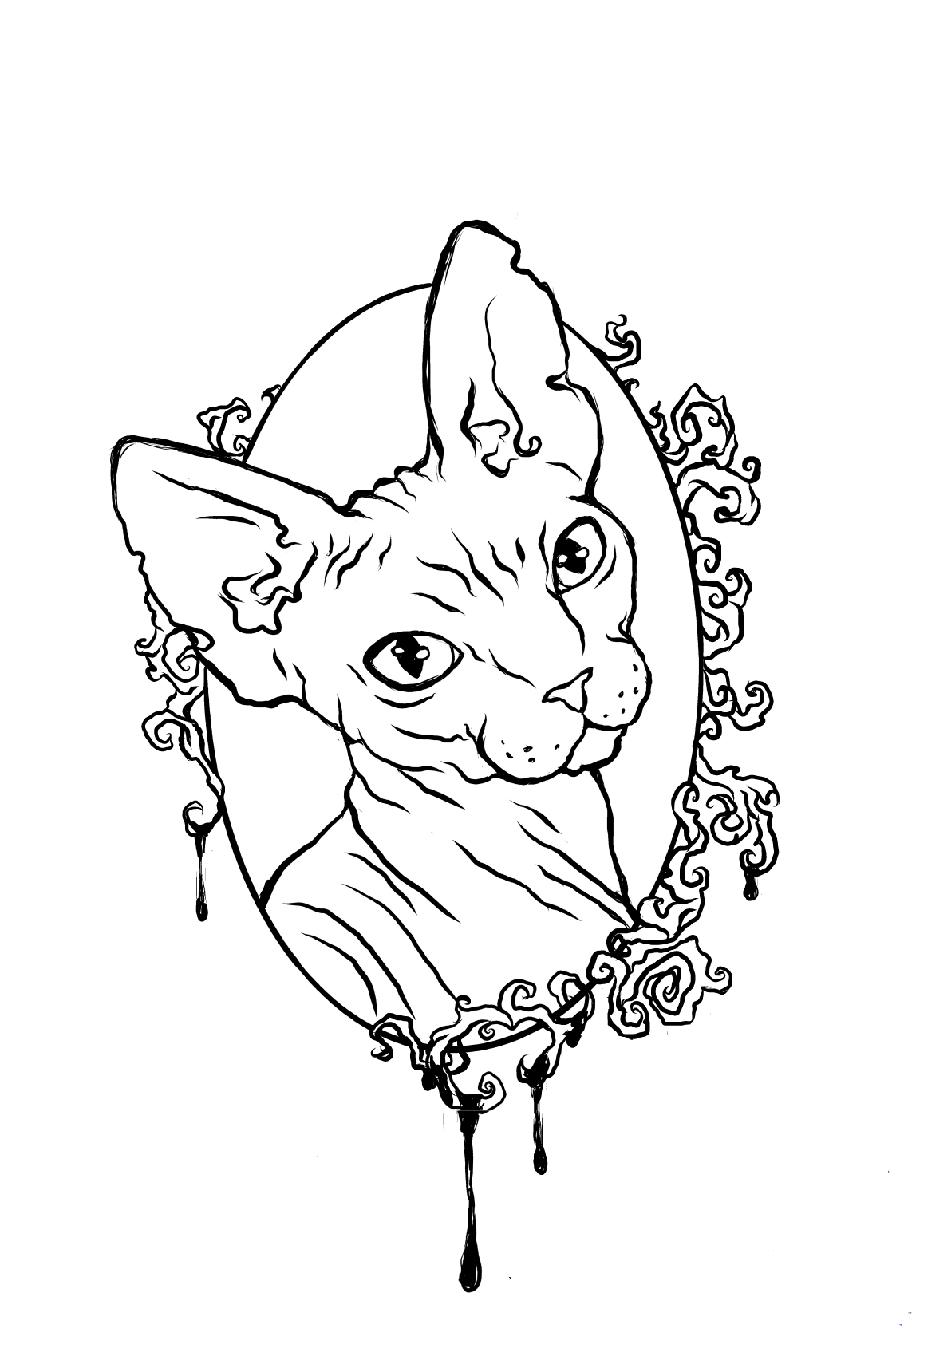 Тату кошка для девушек: 100 самых красивых вариантов на фото 39